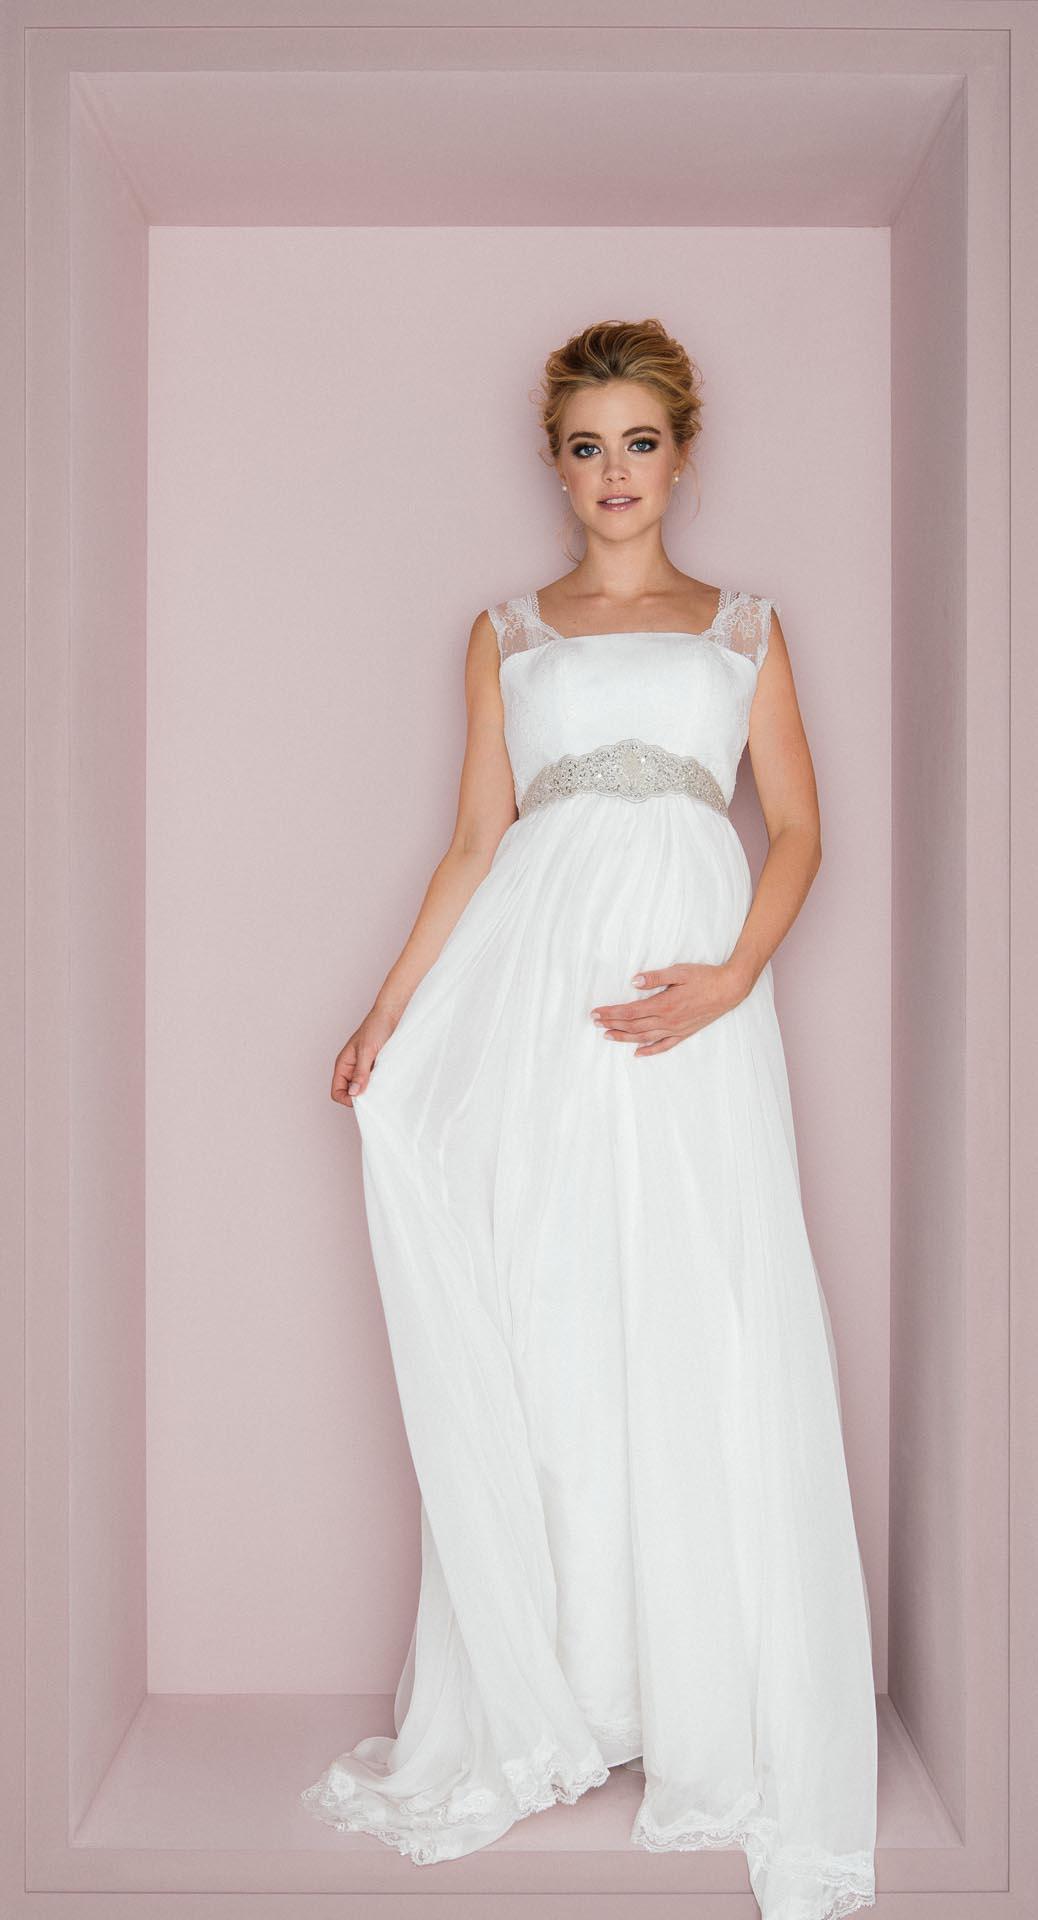 Brautkleid für schwangere, Brautmode für Schwangerschaft, schanger brautkleid, Brautkleid schwanger